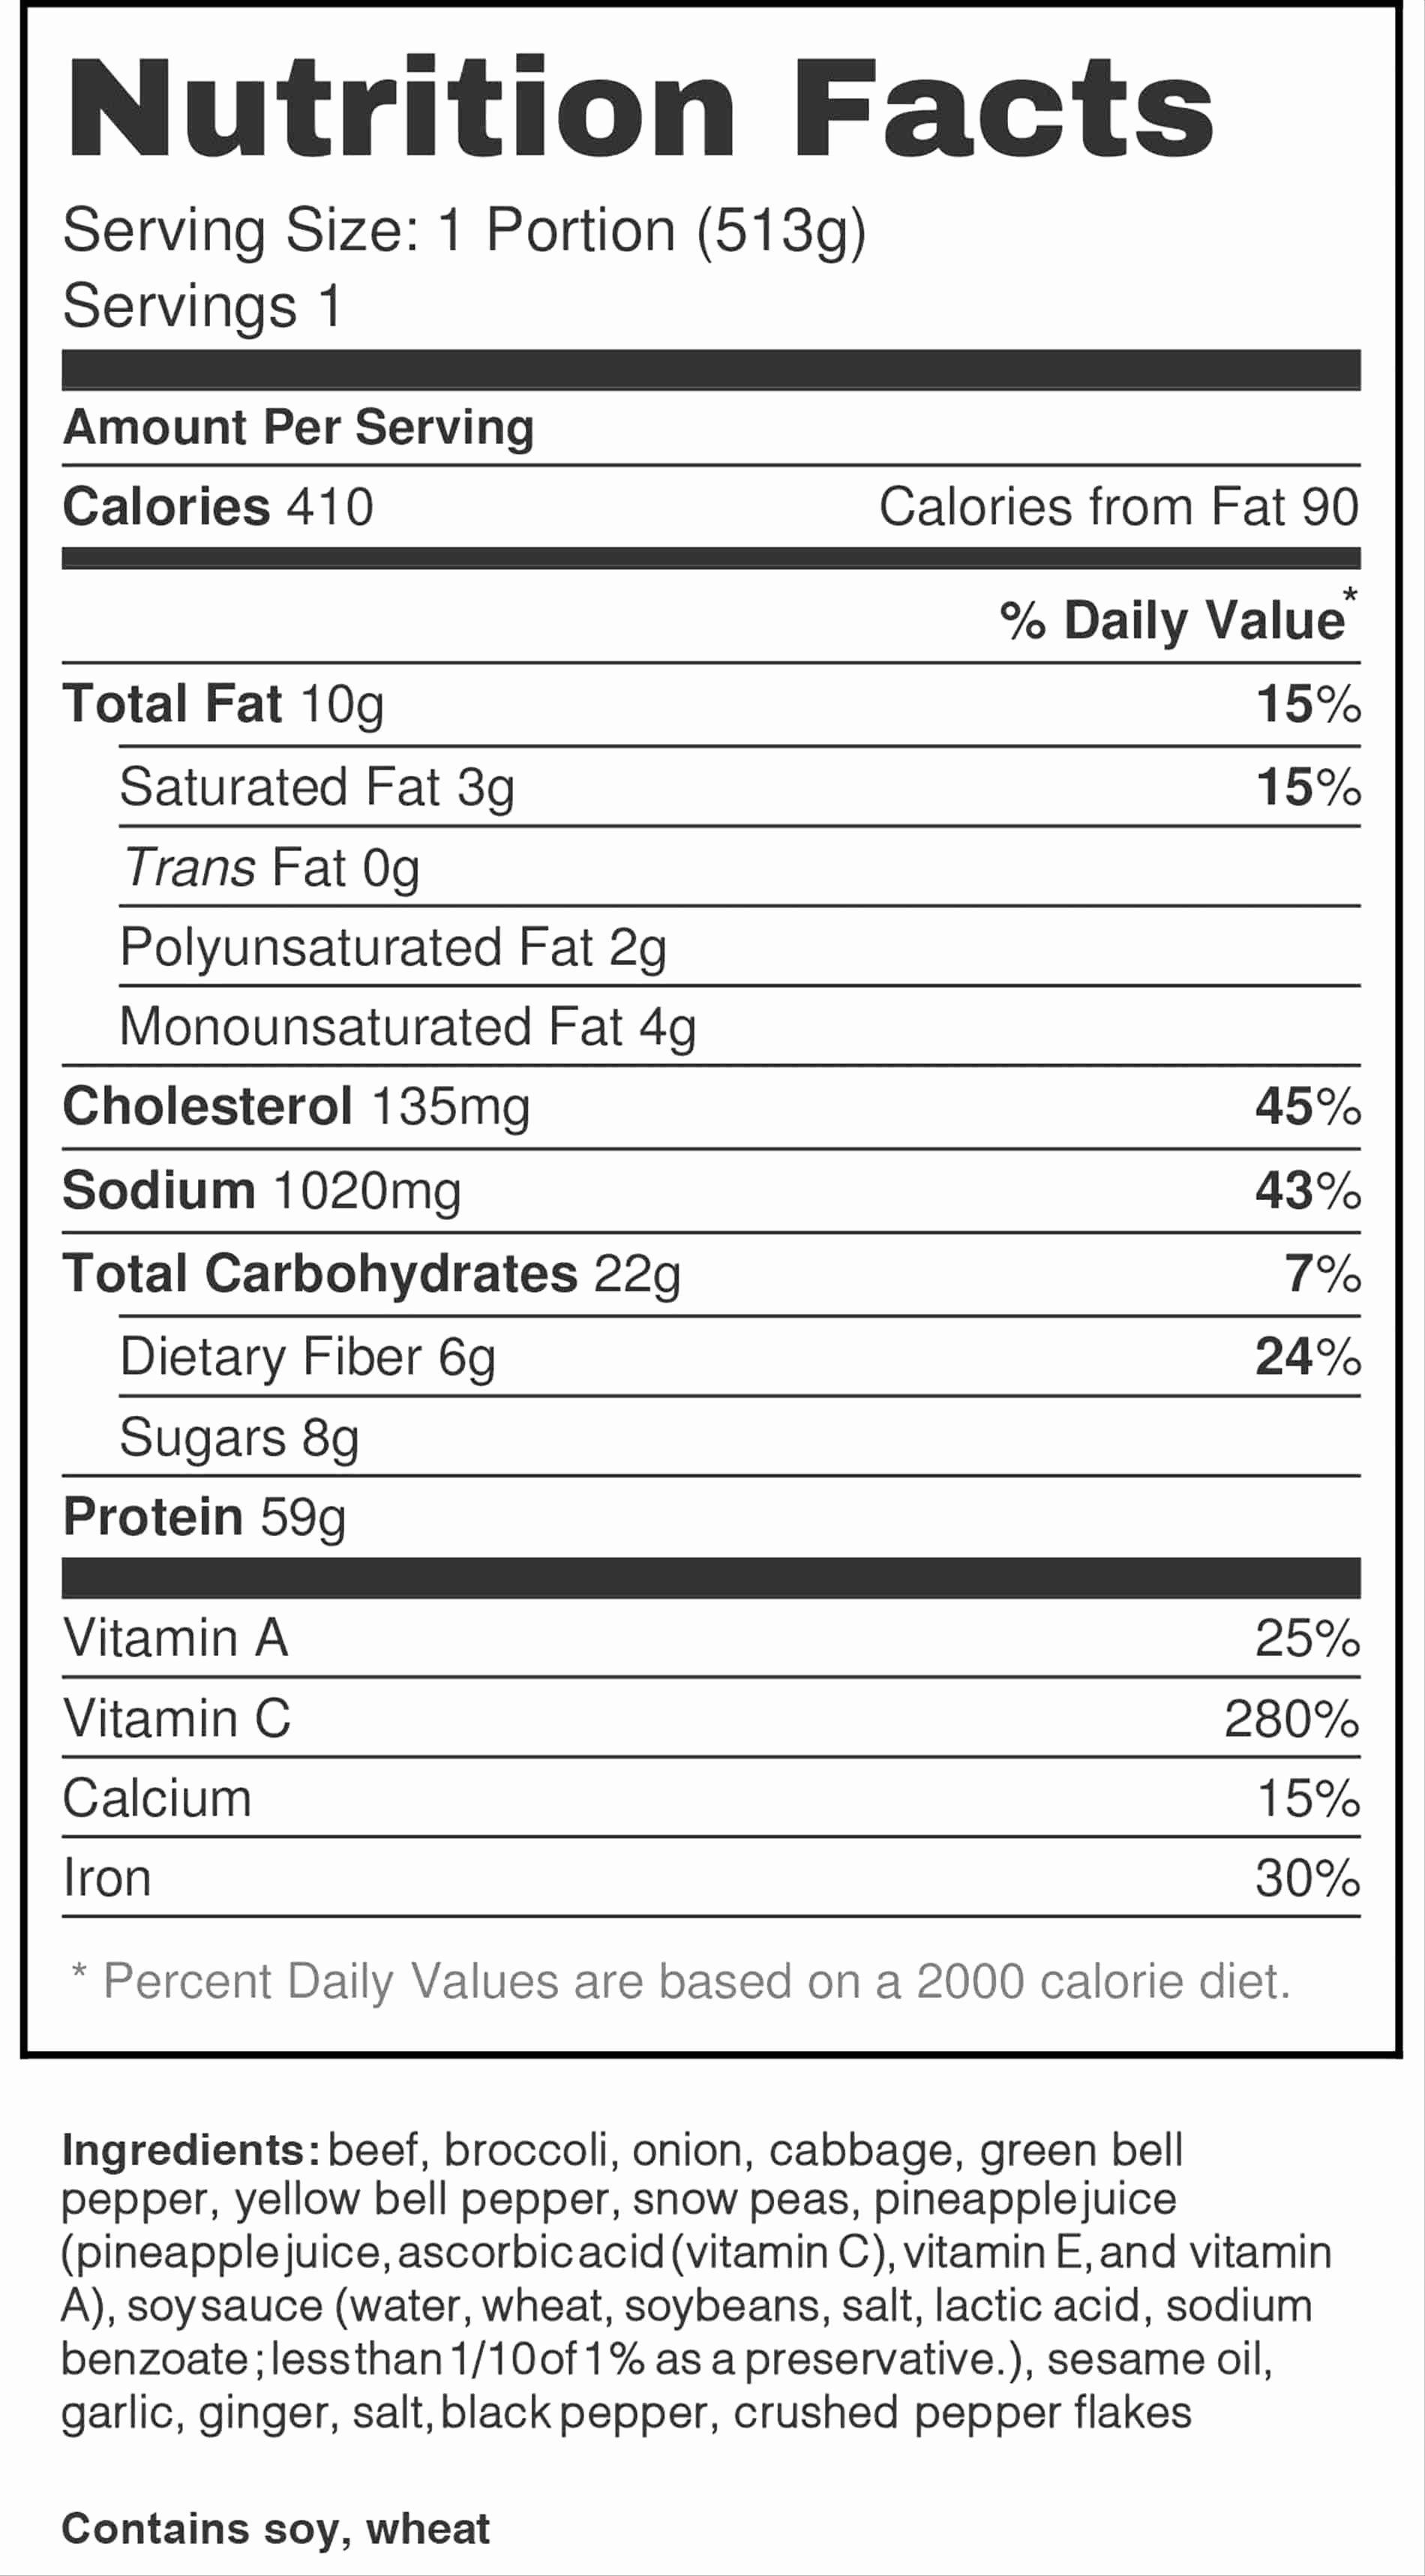 Blank Nutrition Label Template Luxury Blank Nutrition